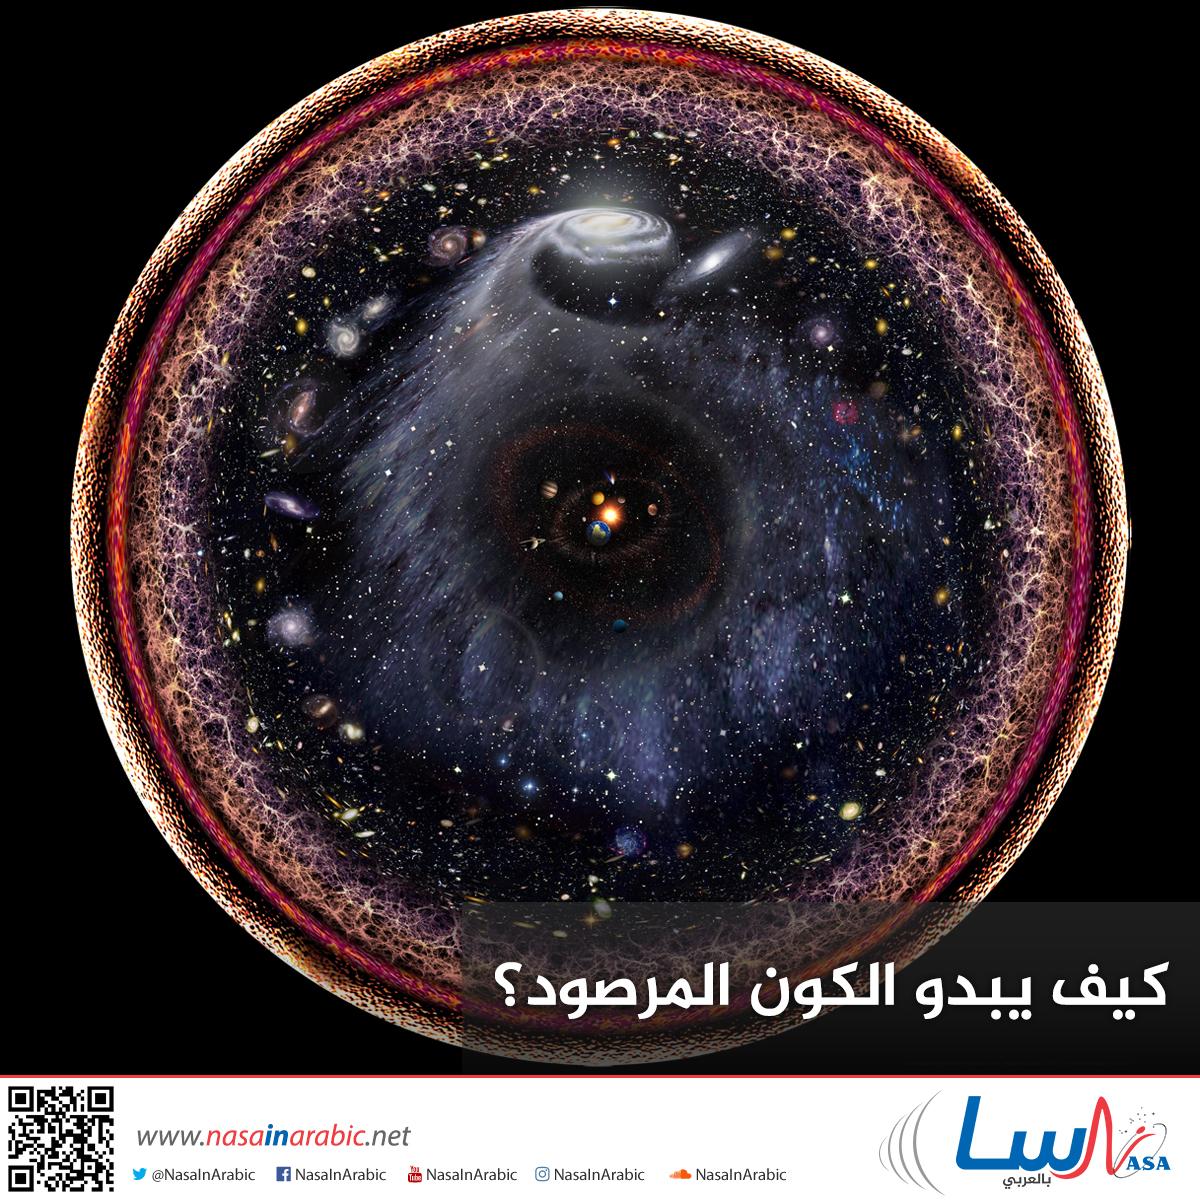 كيف يبدو الكون المرصود؟